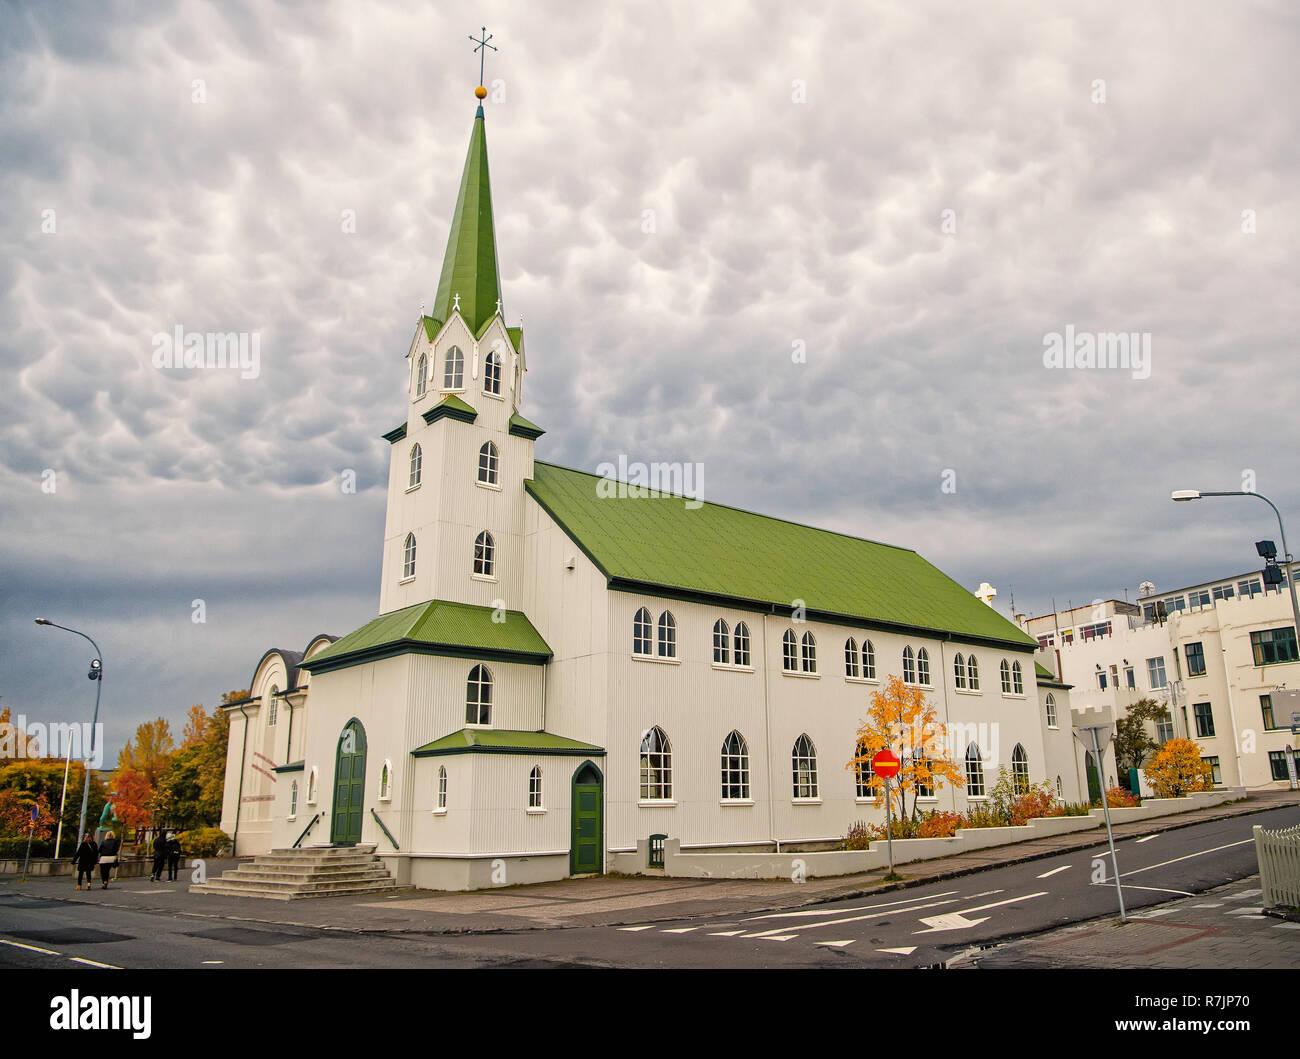 Kirche Gebäude mit weißen Wänden und grünen Dach auf bewölkten Himmel in Reykjavik, Island. Architektur, Sehenswürdigkeiten, Gottesdienst, Religion, Glauben Konzept Stockbild